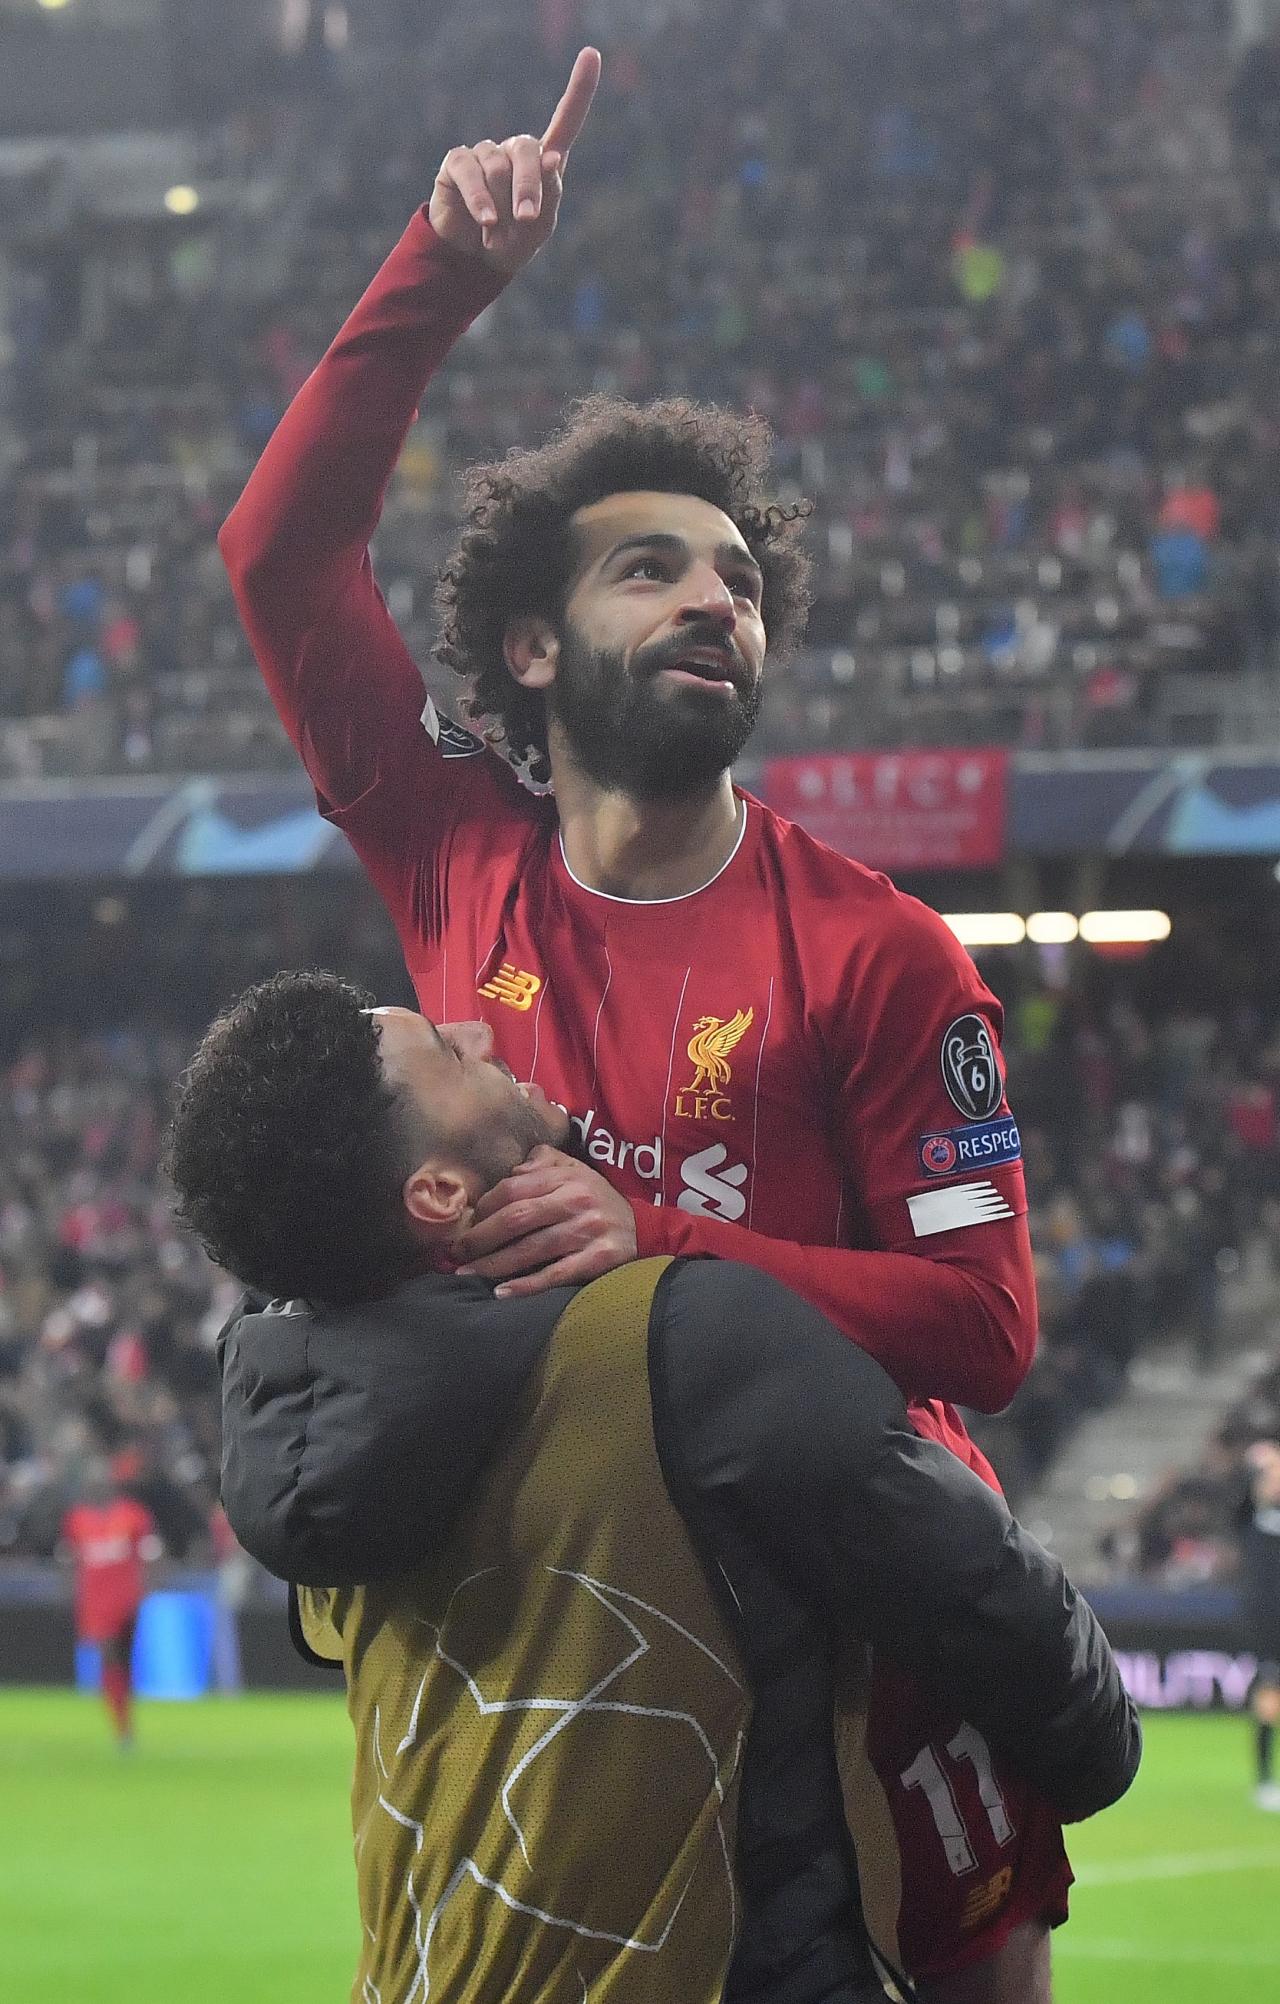 이변은 없었다…리버풀, '황희찬 풀타임' 잘츠부르크 2-0 꺾고 챔피언스리그 16강 진출